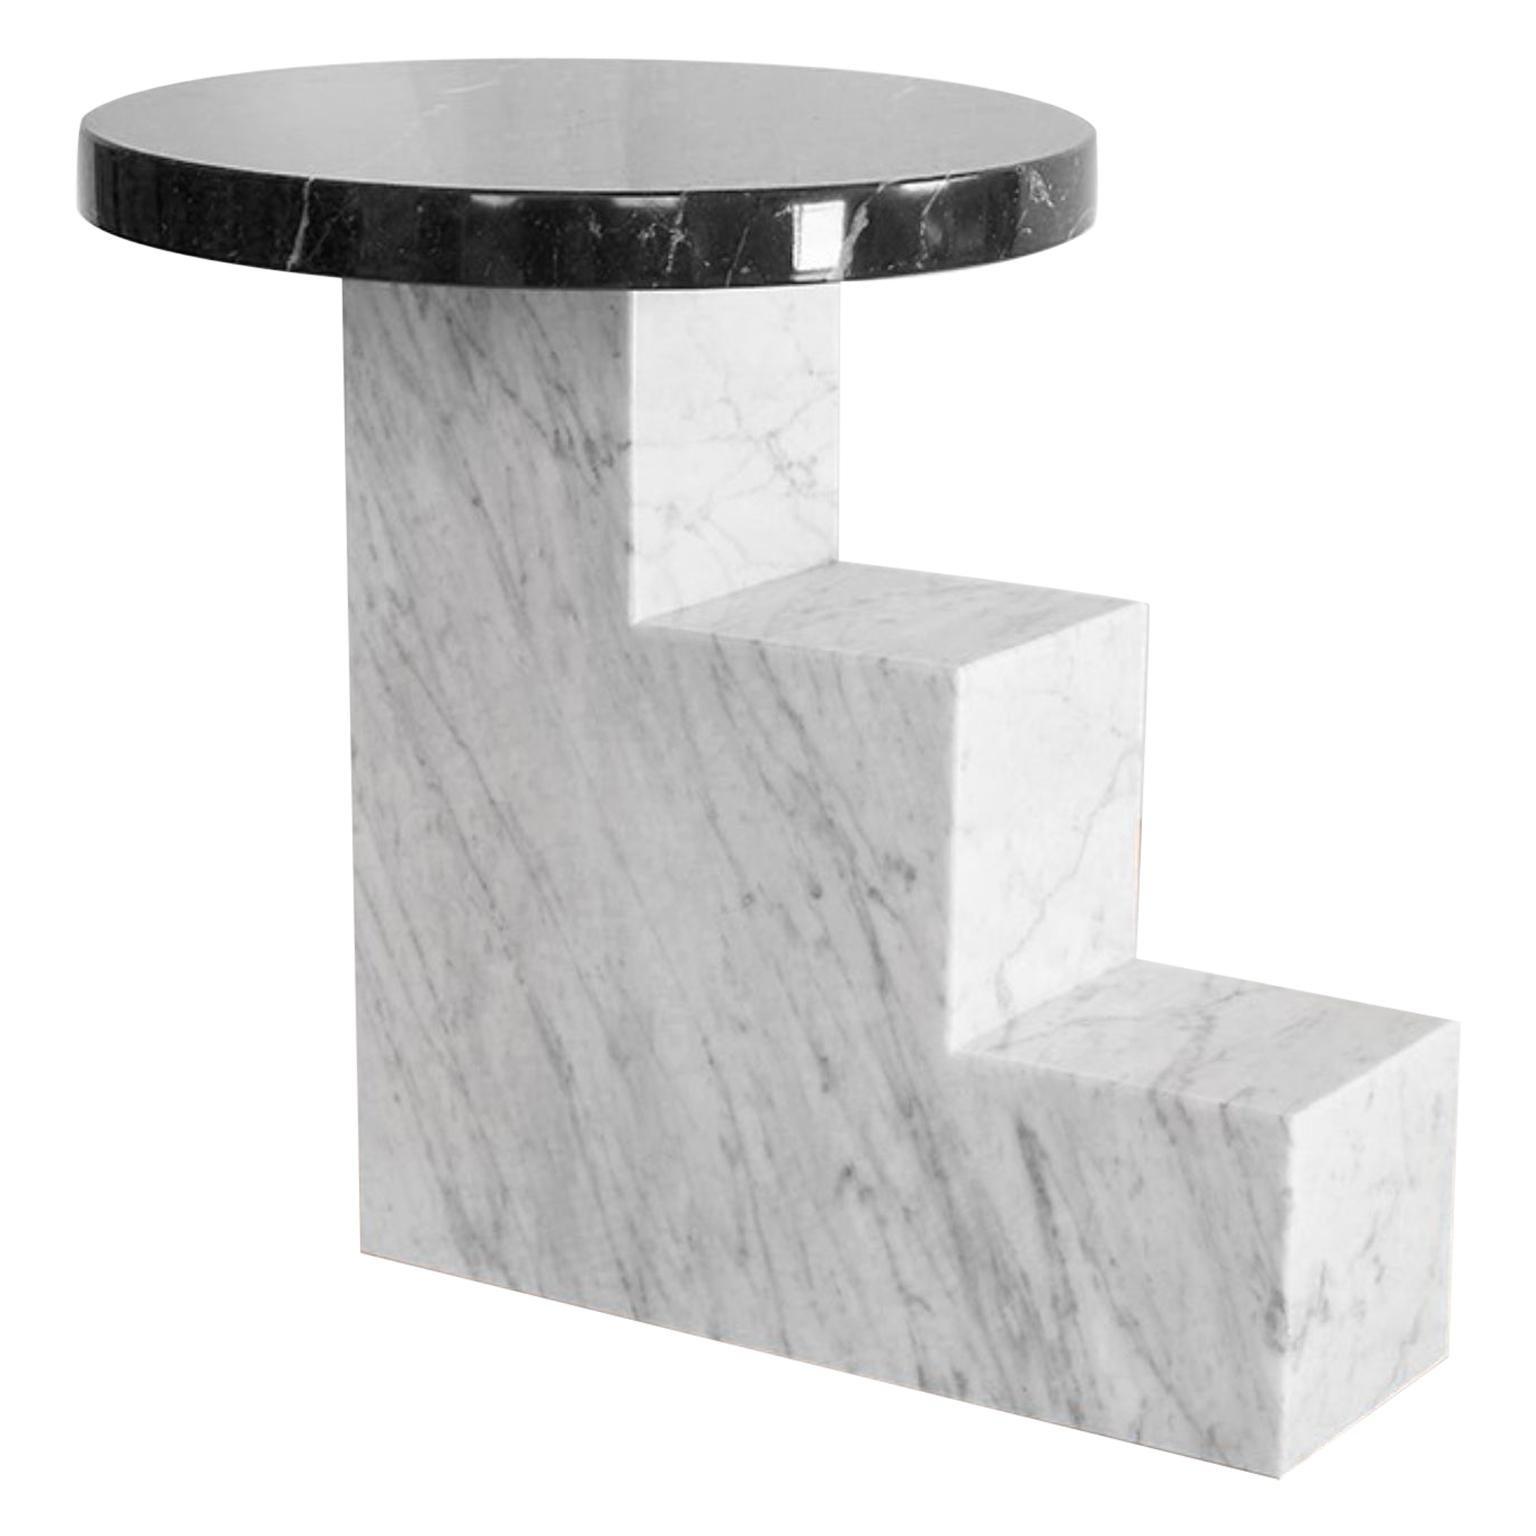 Unique Escalier and Black Marble Table by Jean-Baptiste Van den Heede